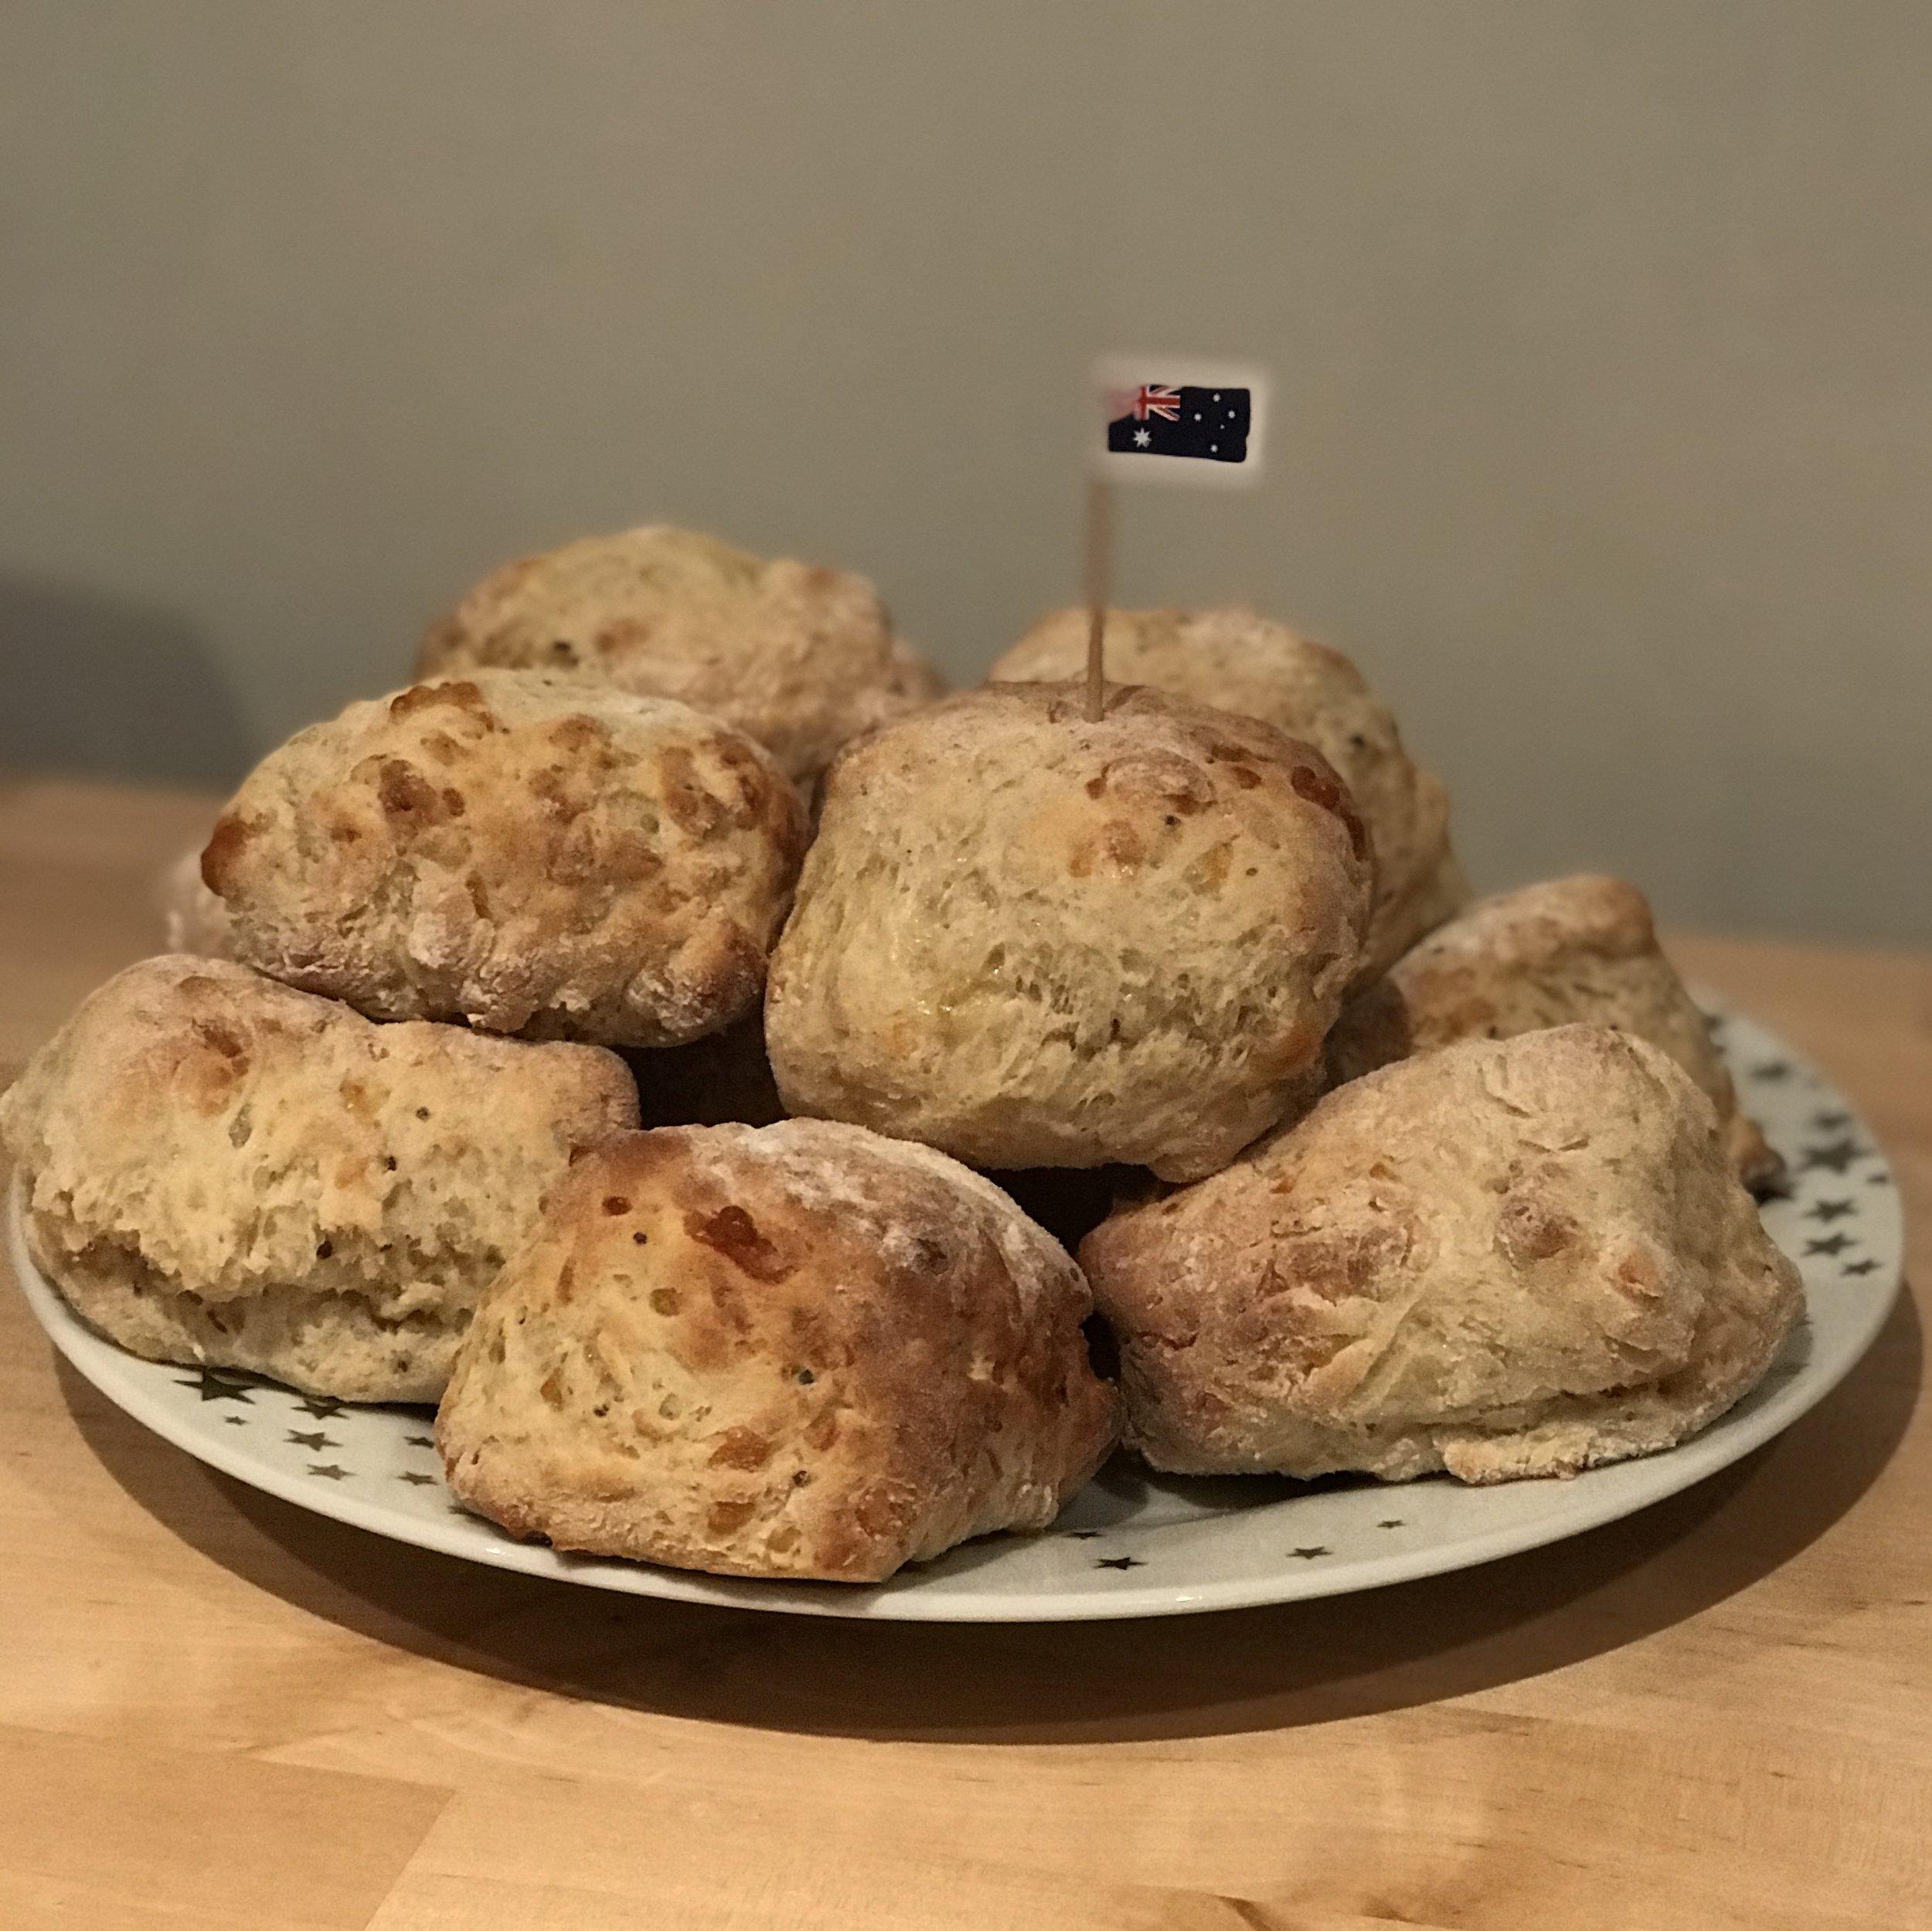 Aussie Cheesey Scones